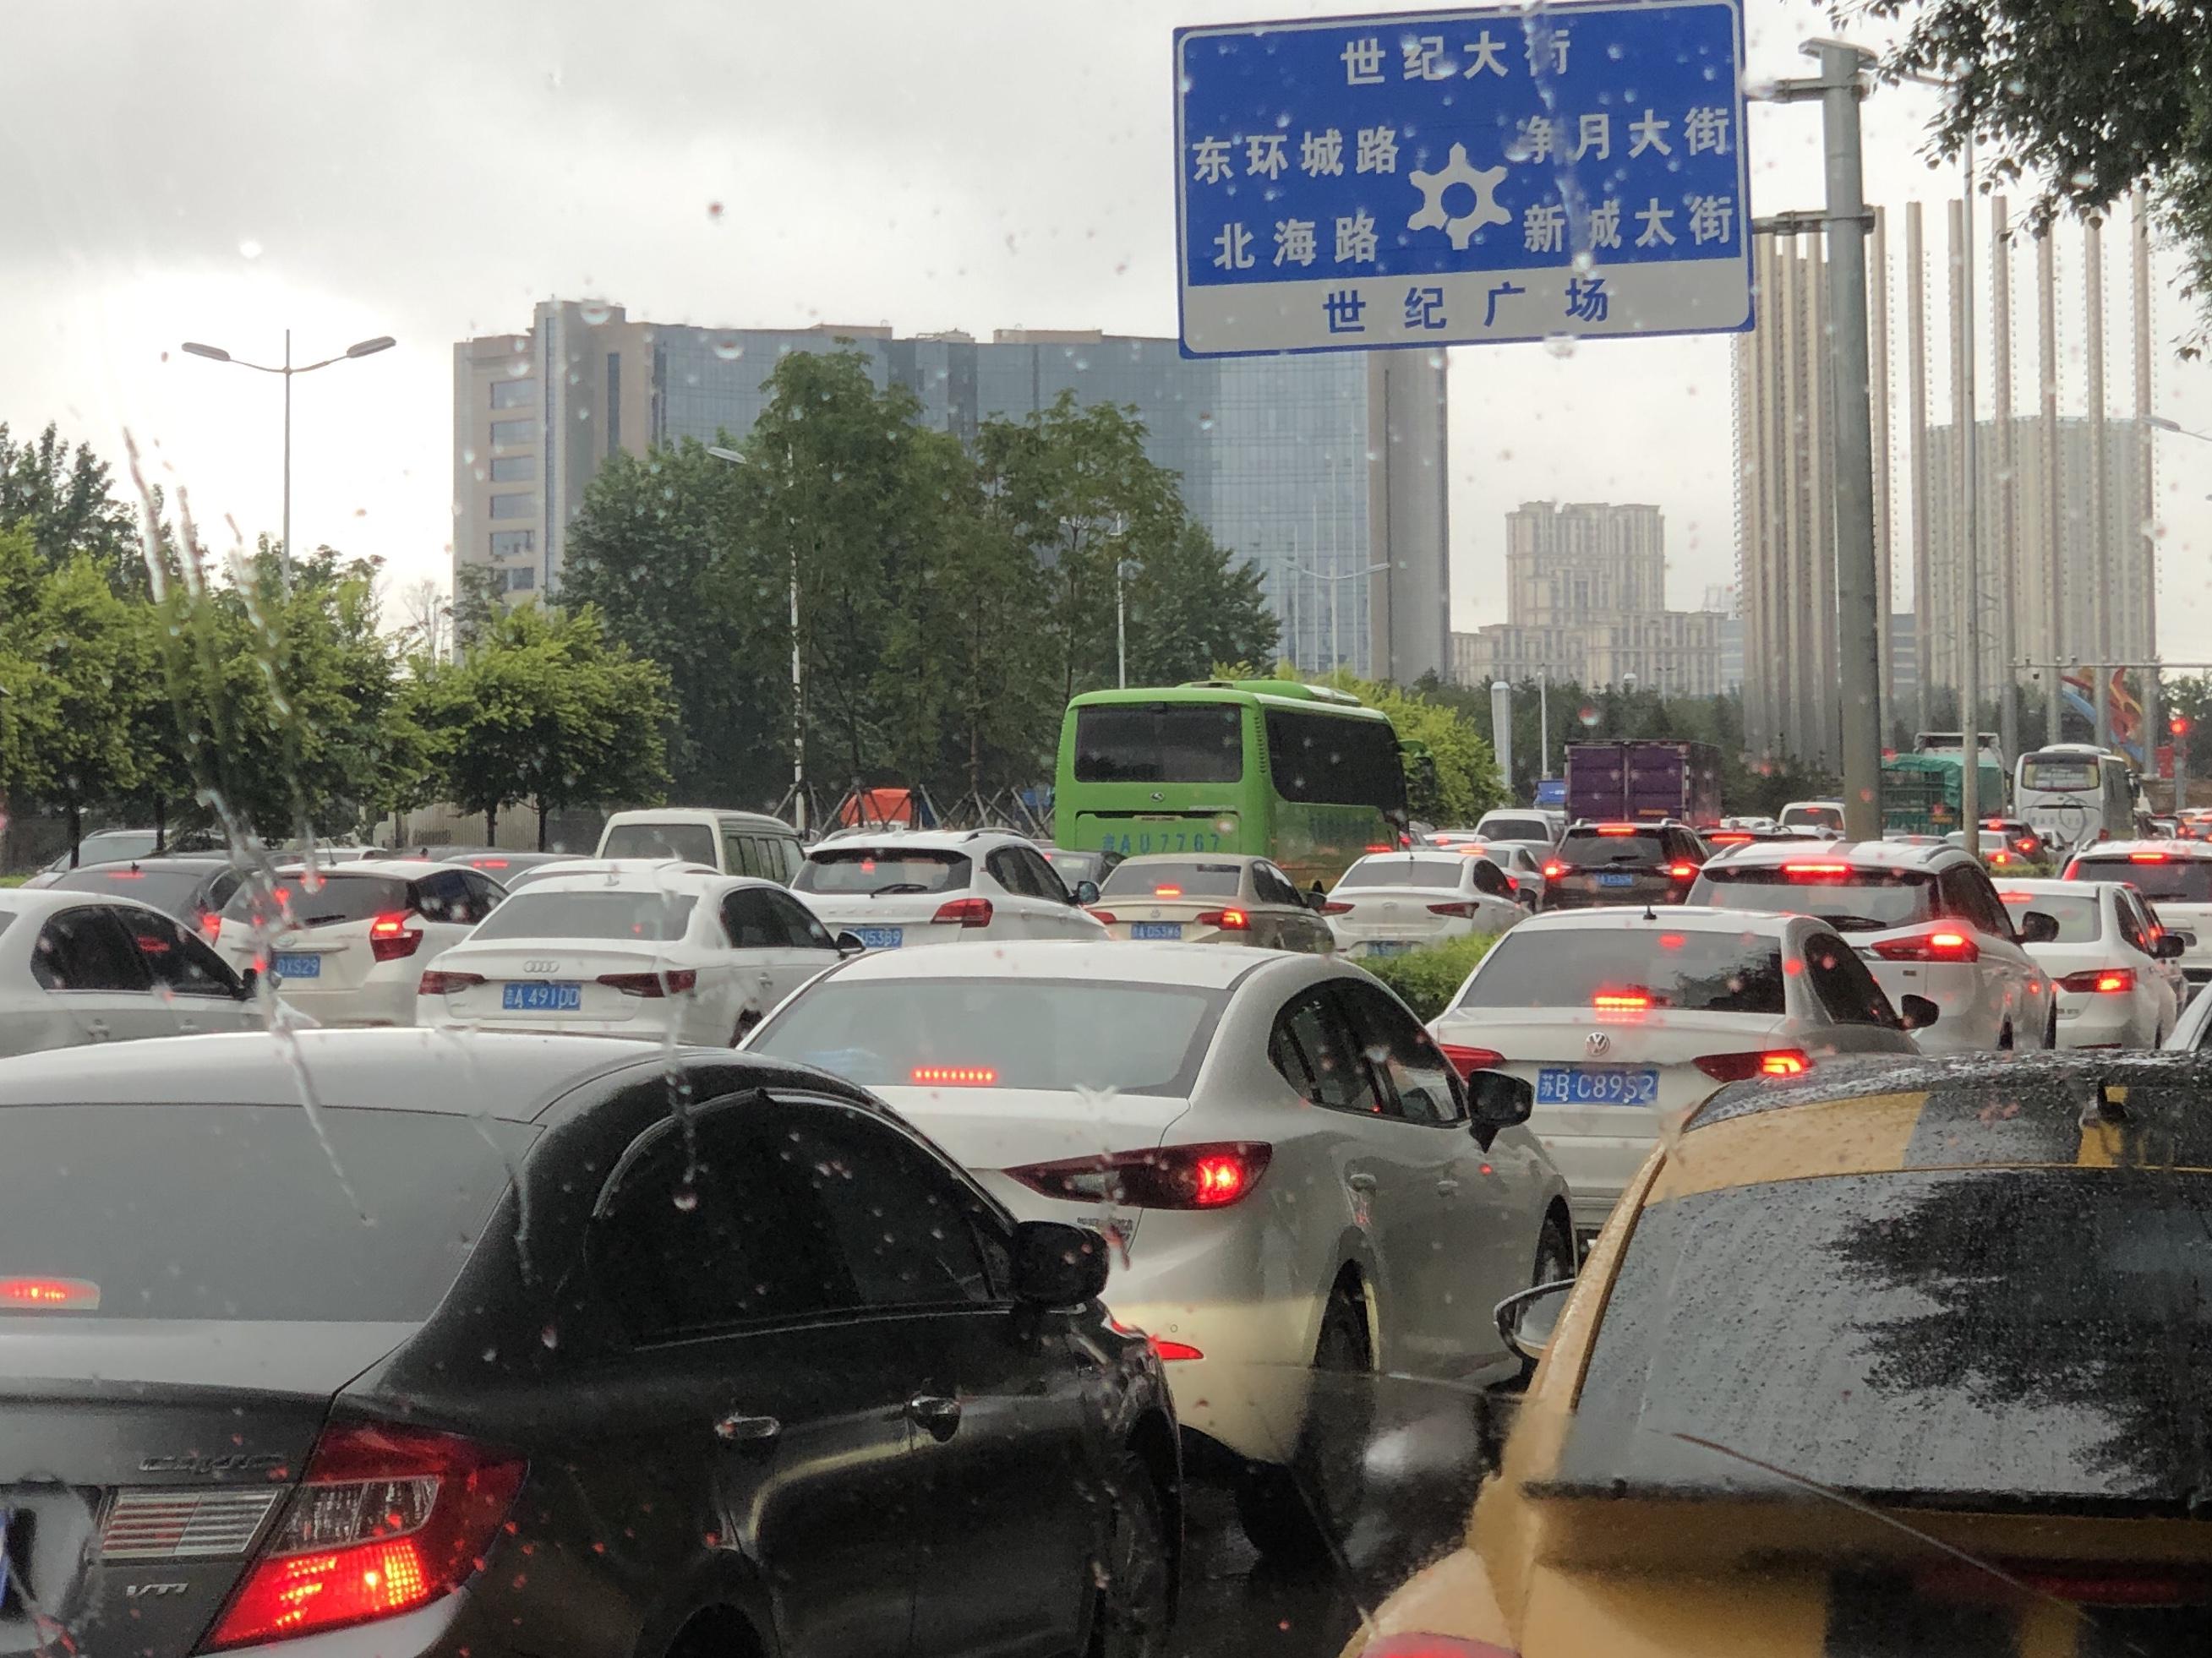 交通堵堵堵注意出行!